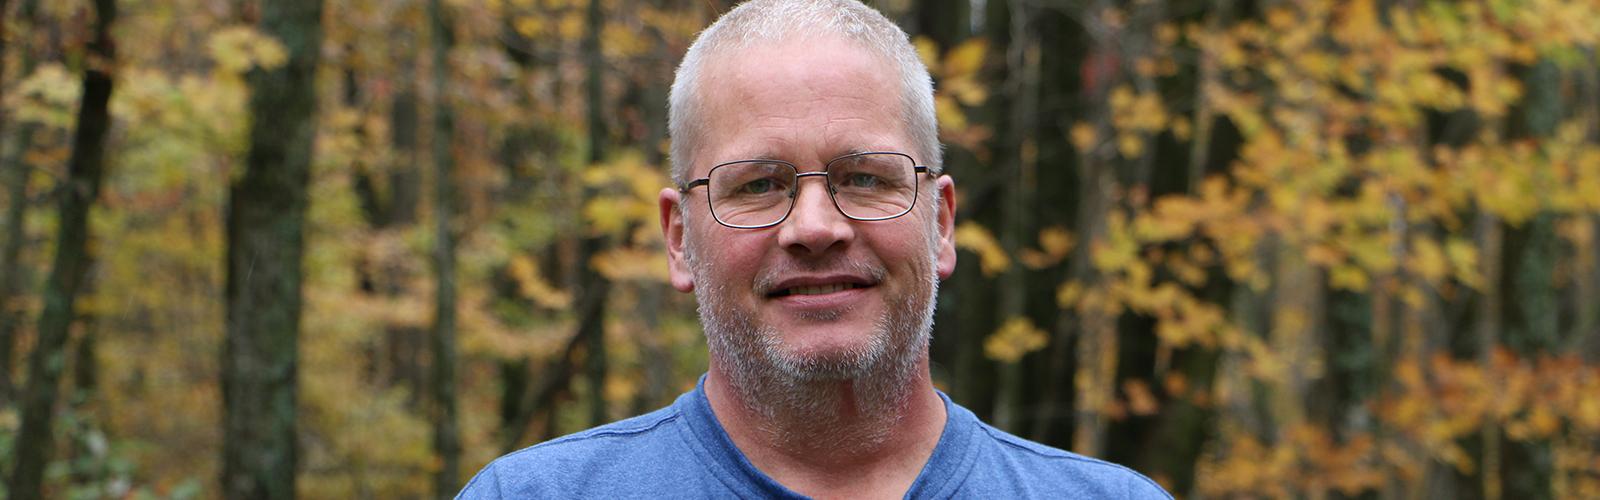 Dave Seamons